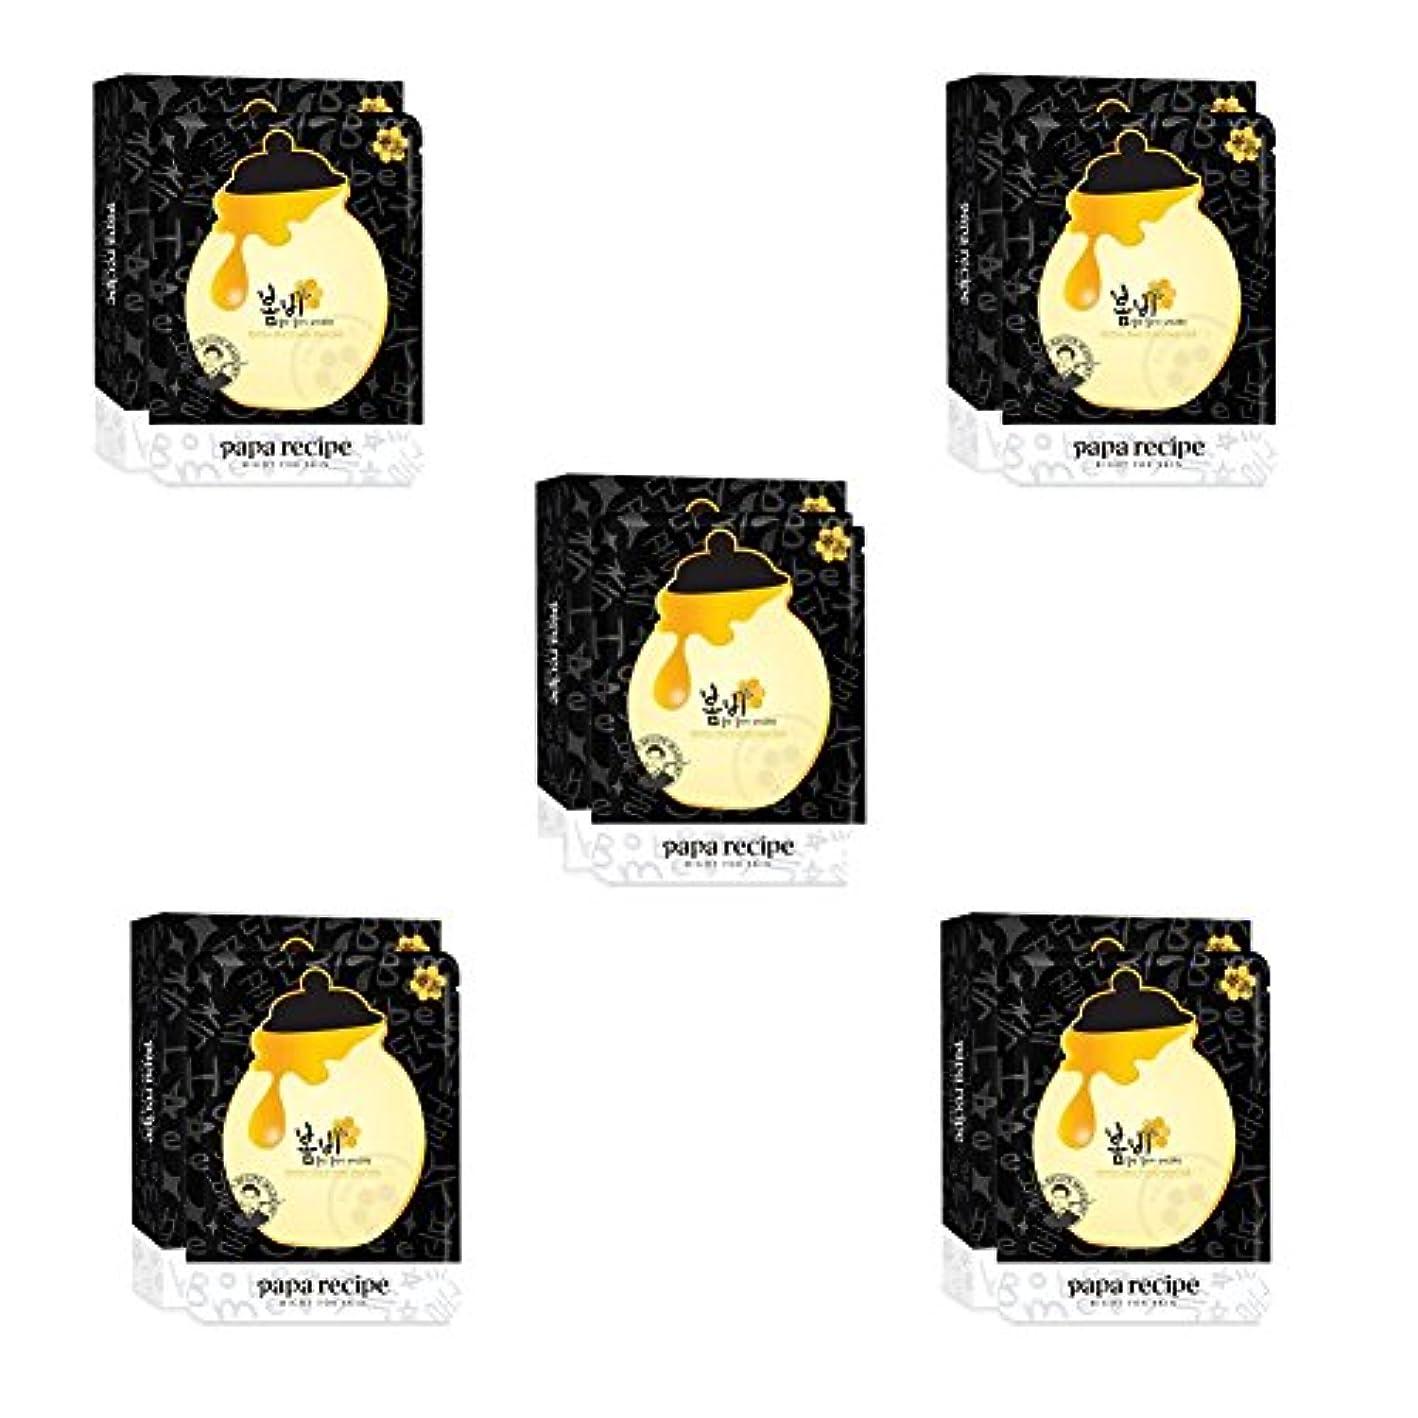 協力オーバーヘッド女将Papa Recipe Bombee Black Honey Mask Pack (10sheets X 5) パパレシピ ボムビー ブラックハニー マスクパック (10sheets X 5)